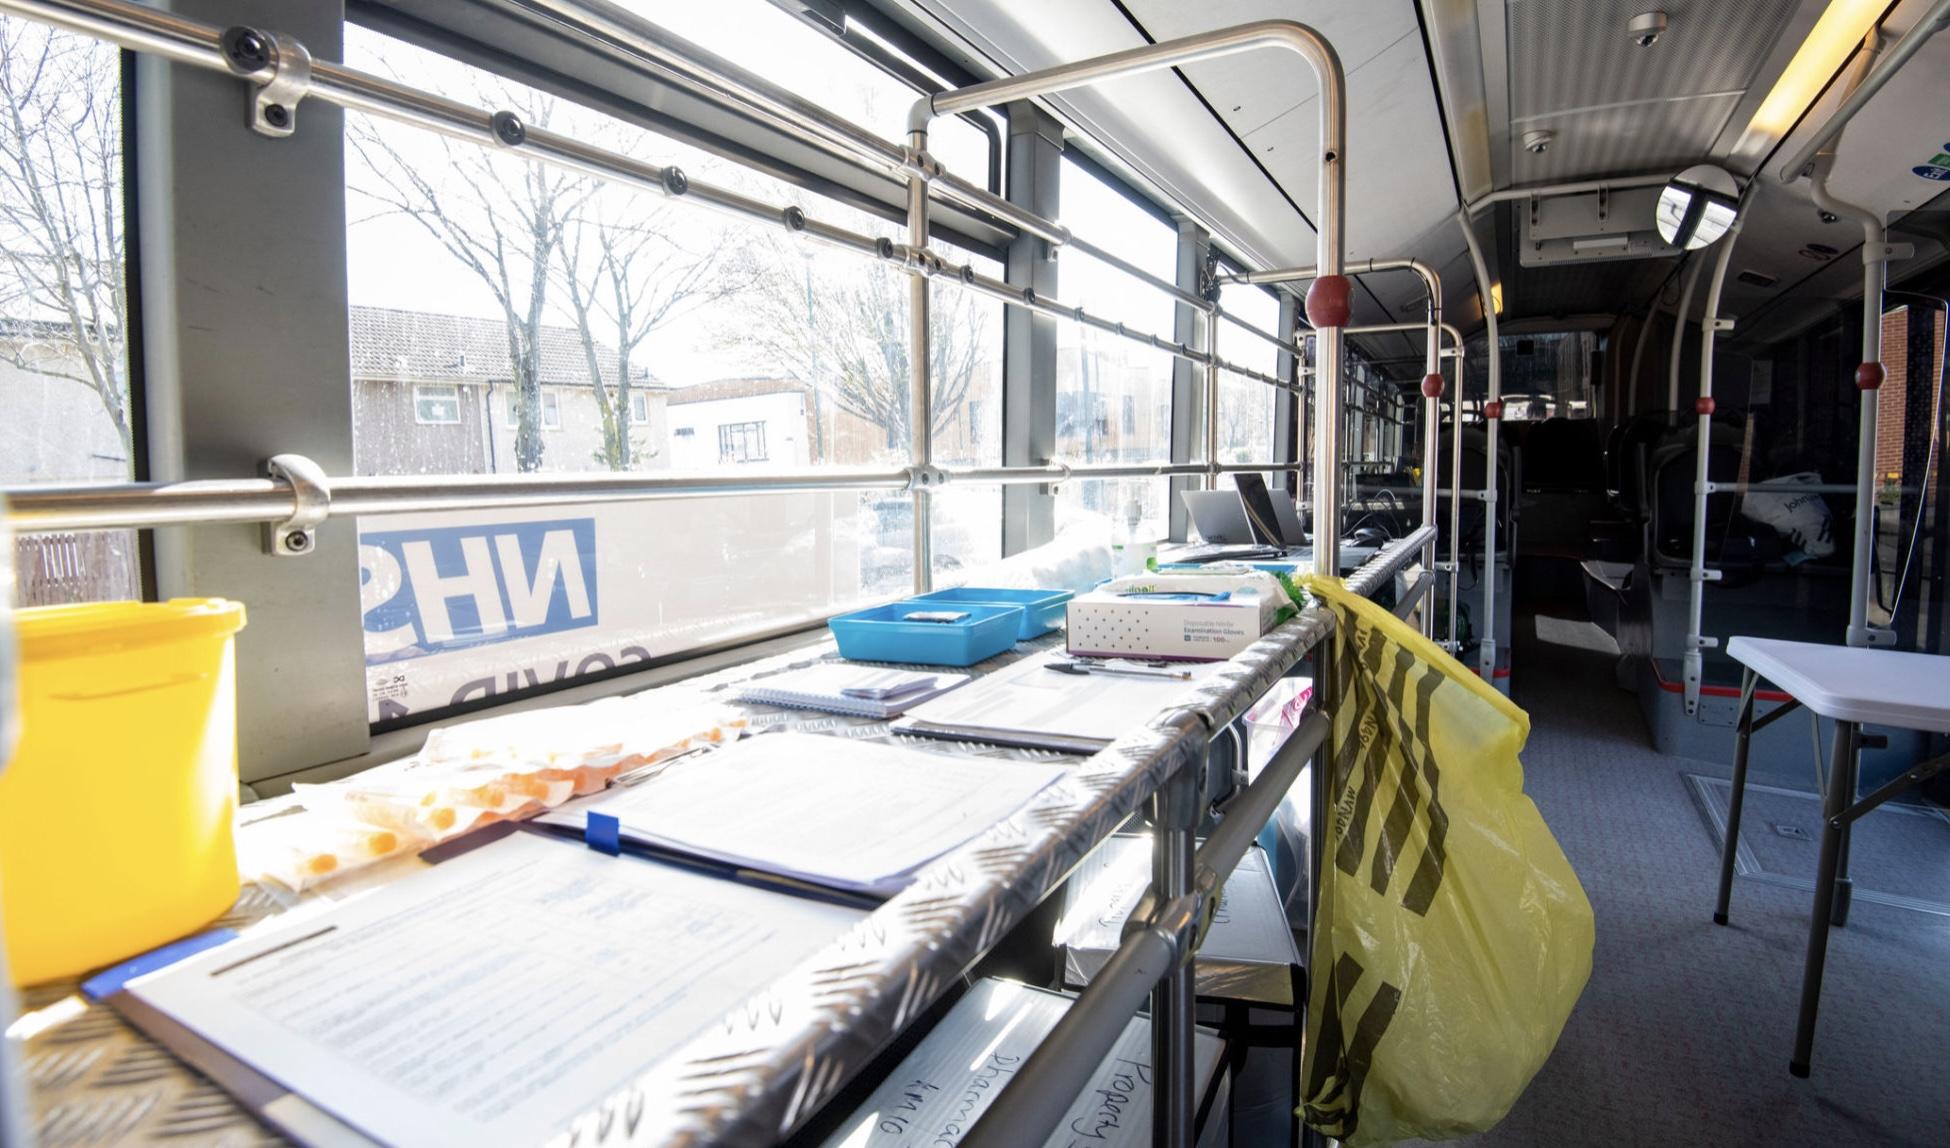 Covid vaccination bus launches in Nottingham - book through Swiftqueue